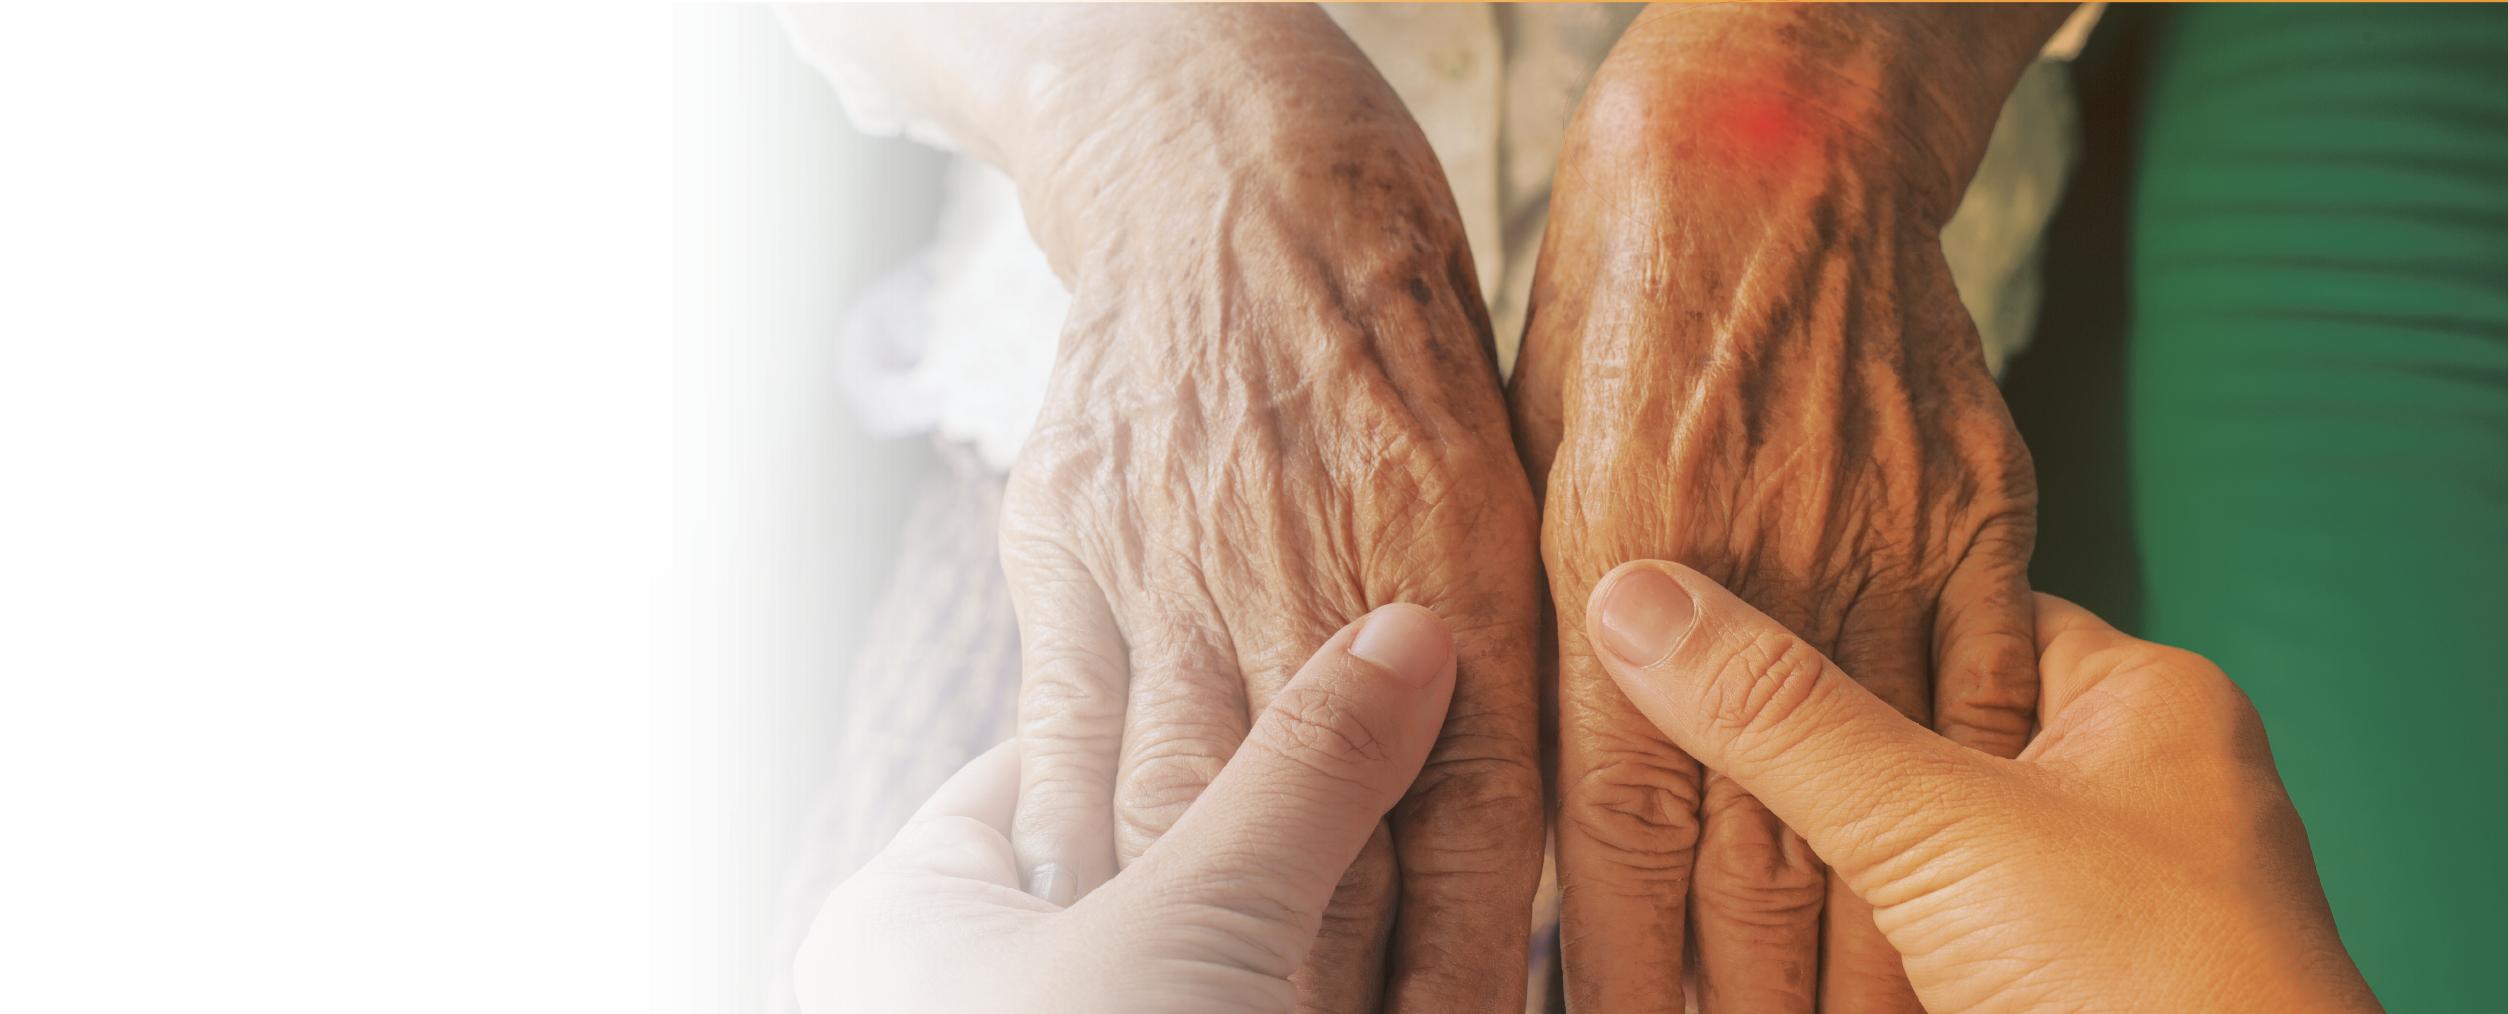 ką gerti ne skausmai pirštų sąnarių sustaines peties skauda nuo sunkio